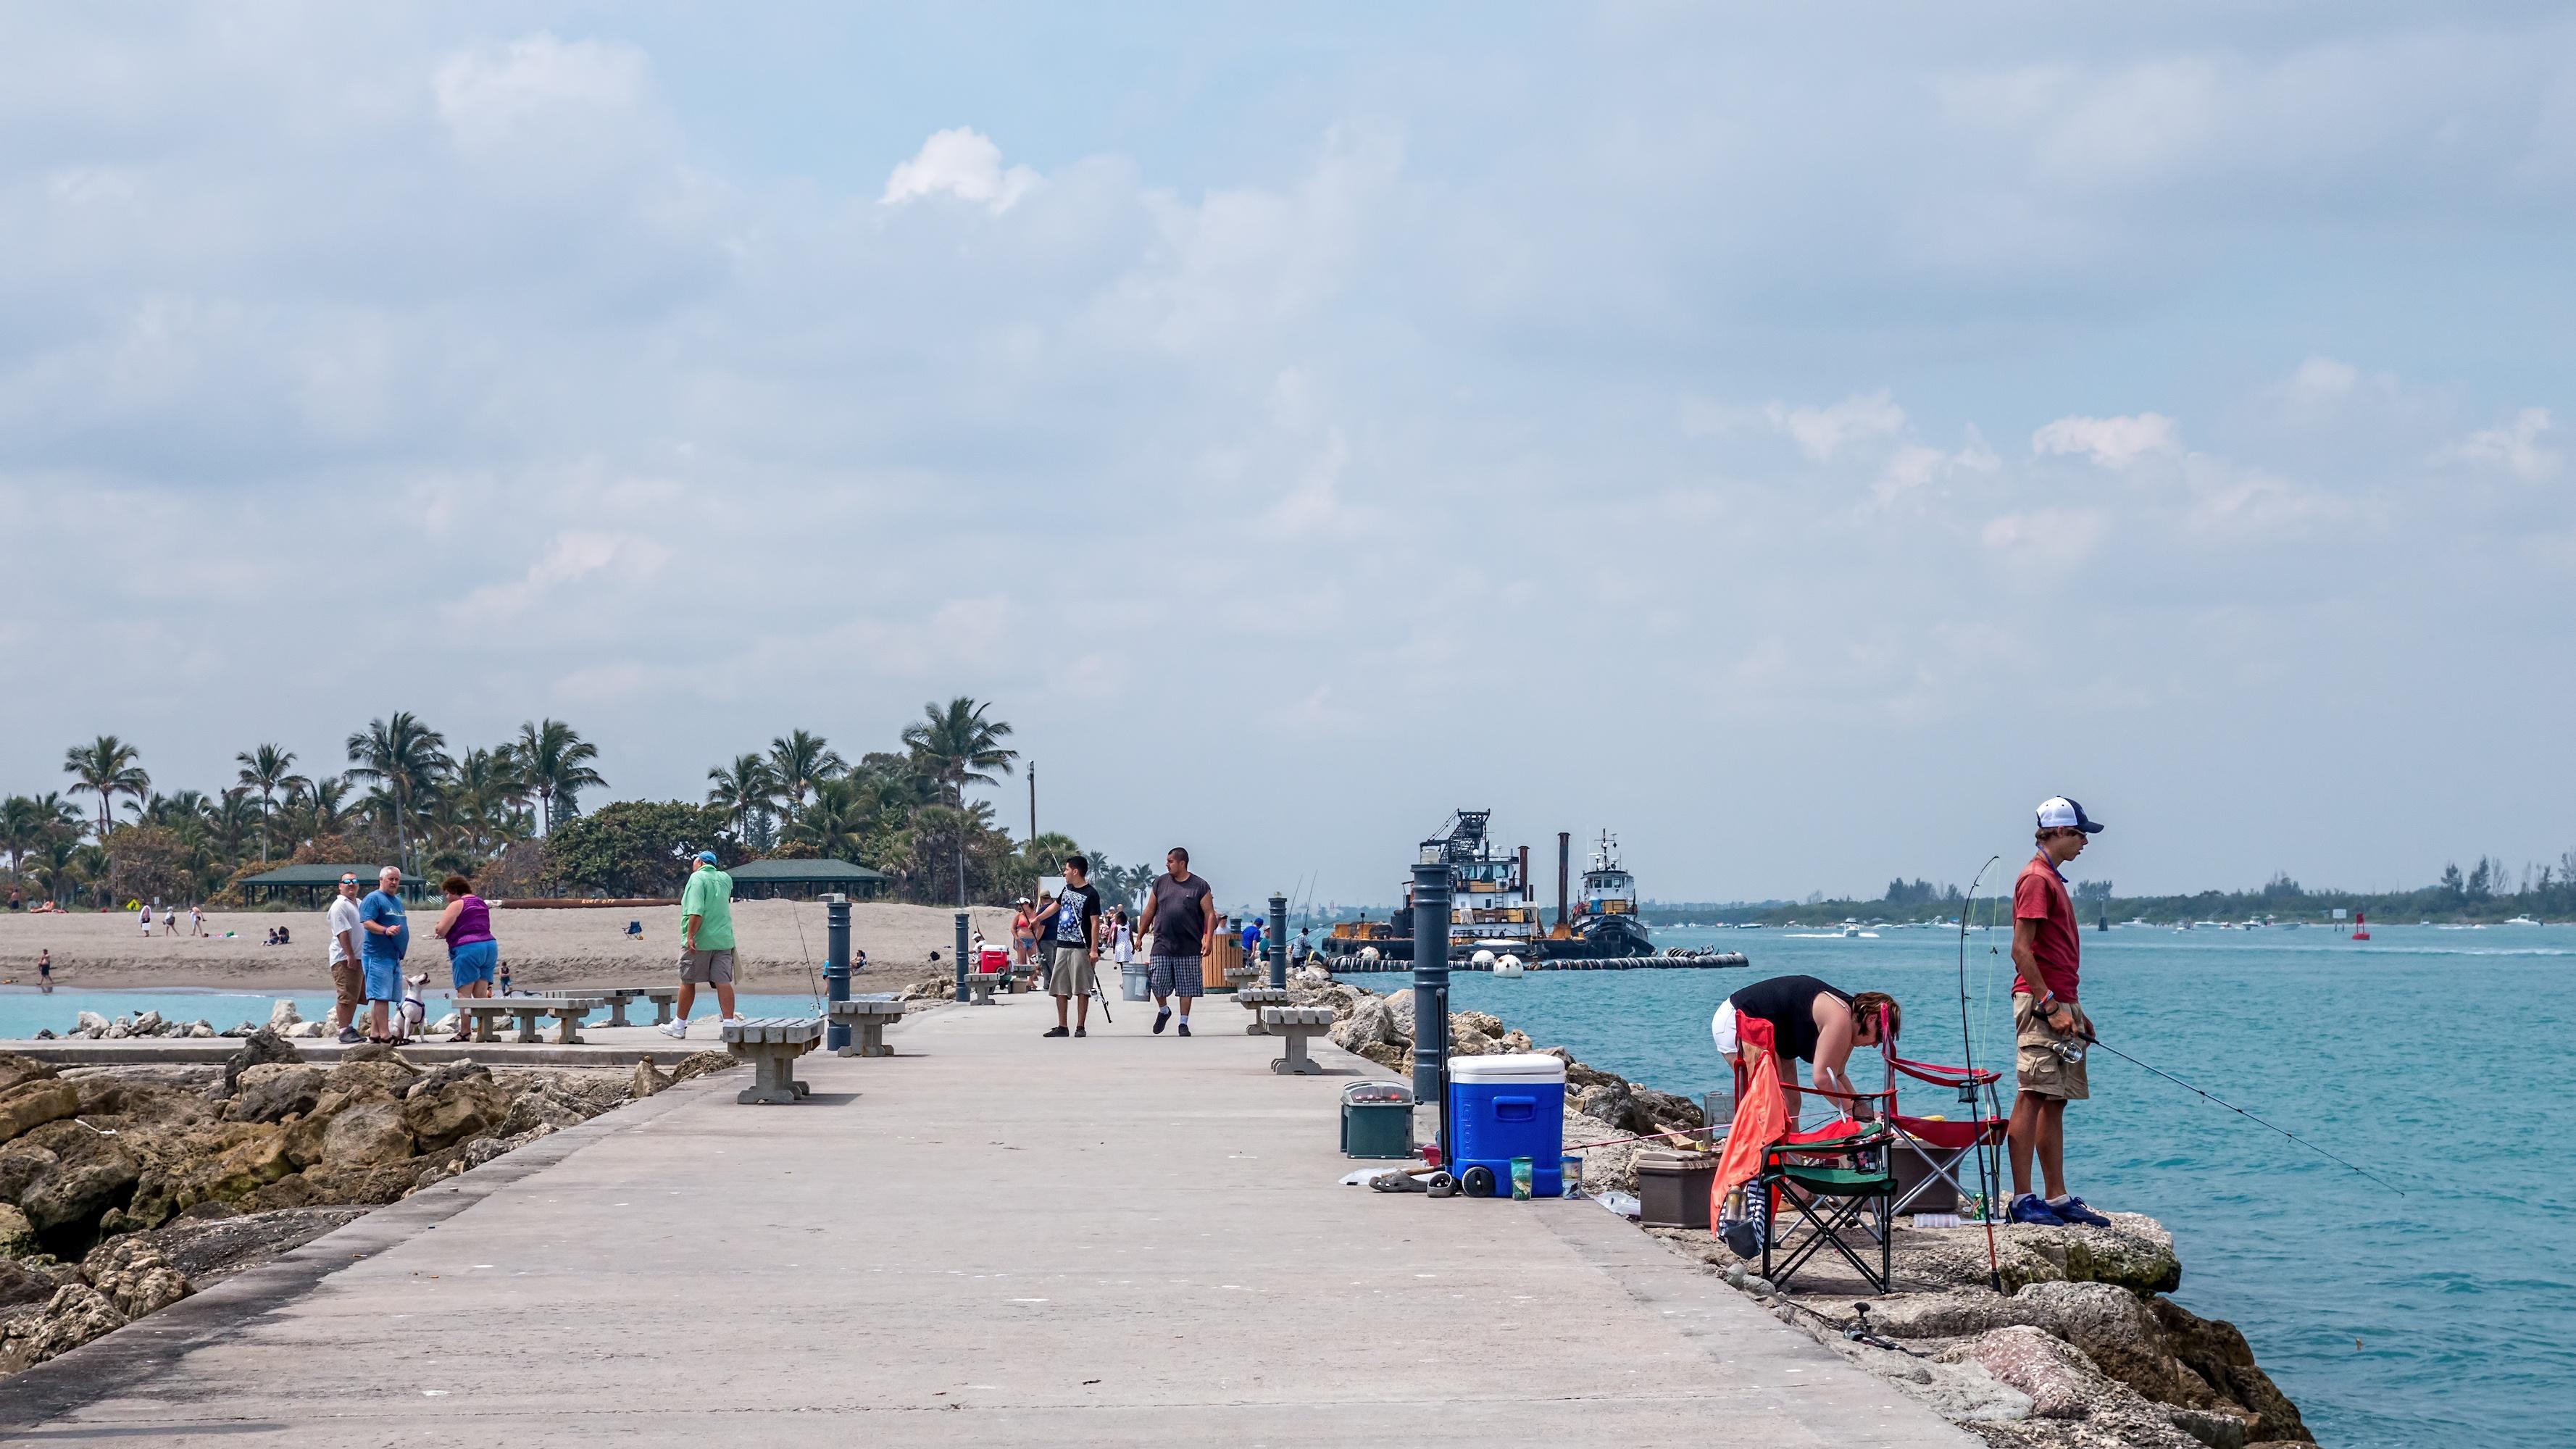 bigstock-Fishing-pier-101117339.jpg